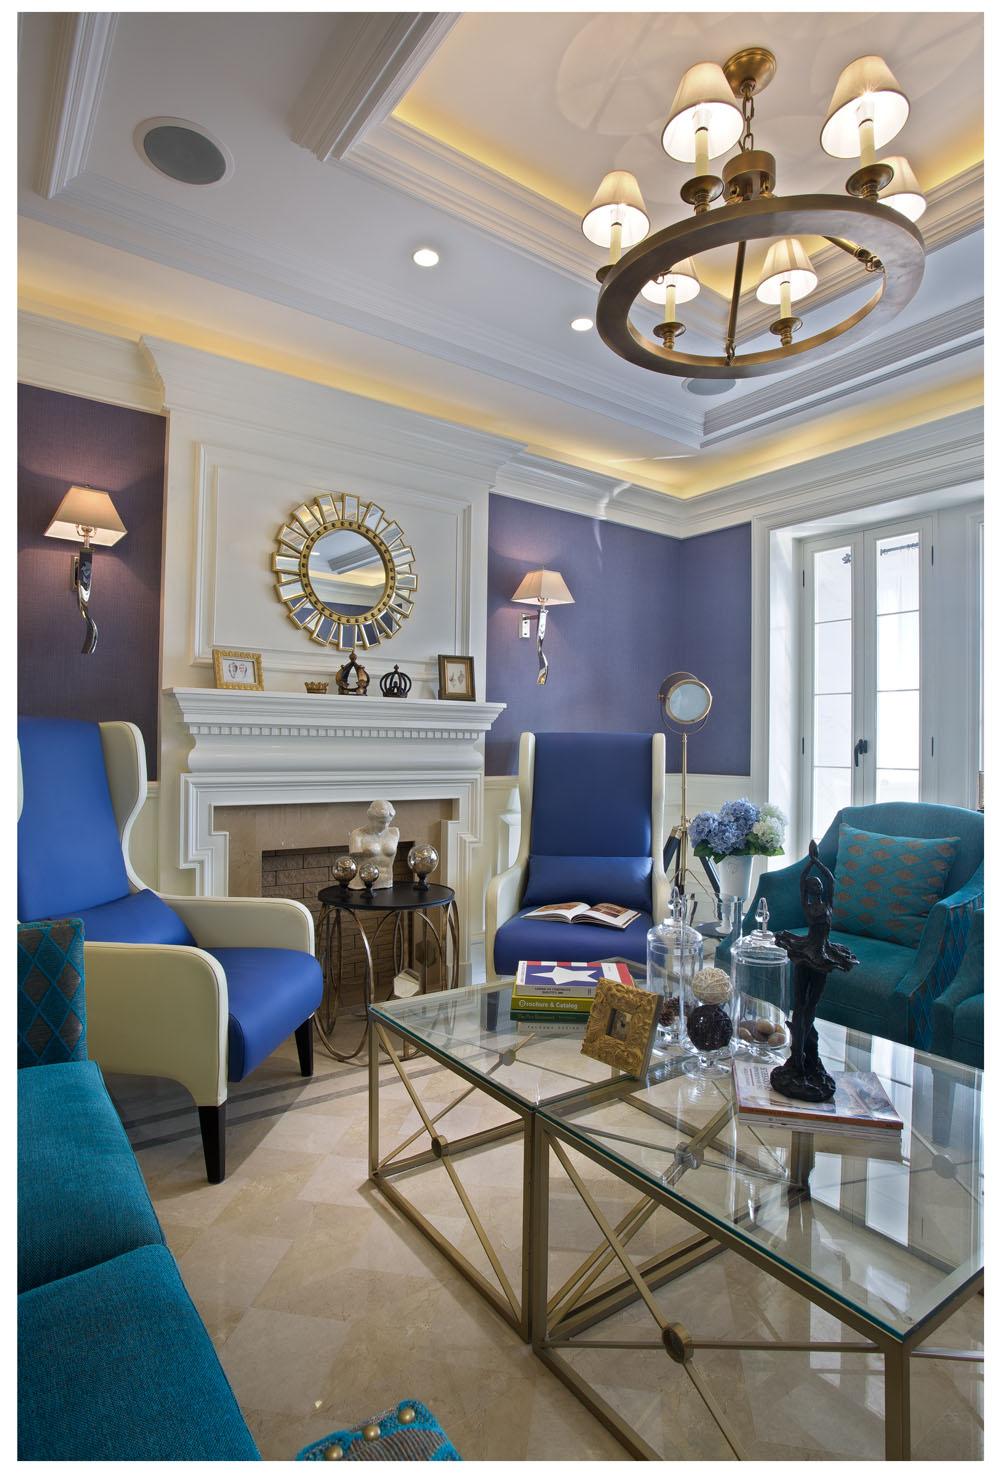 美式 三居 大宅图片来自石家庄装修装饰设计公司在海蓝色的诱惑的分享